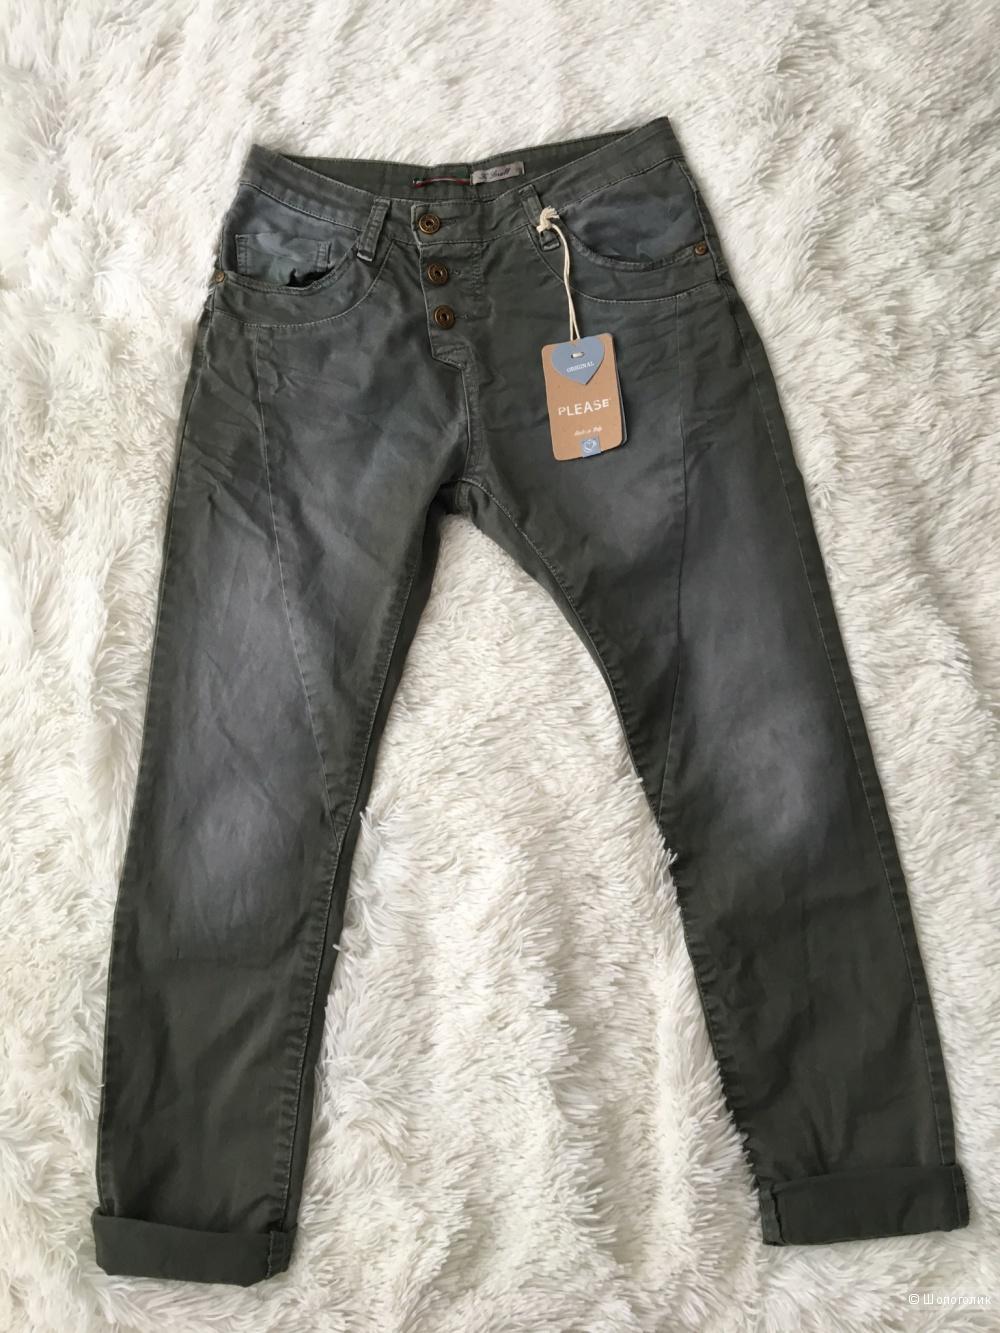 Комплект брюки Please, размер S+ Кофта Opus, размер S-M